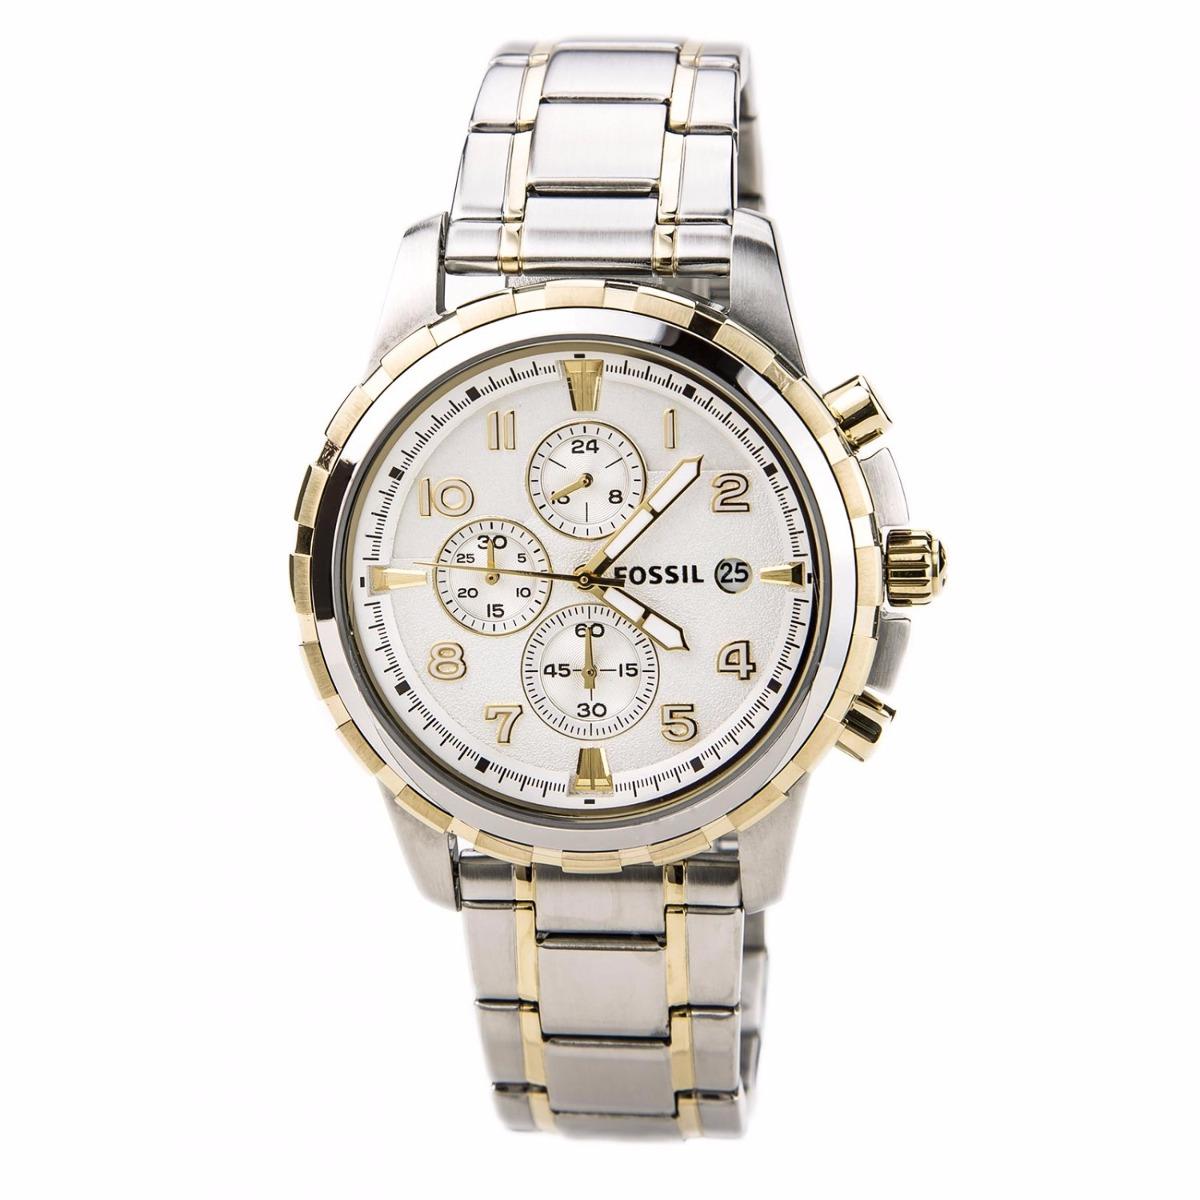 e3a051dab2ea reloj fossil dean fs4795 plateado dorad cronograph caballero. Cargando zoom.